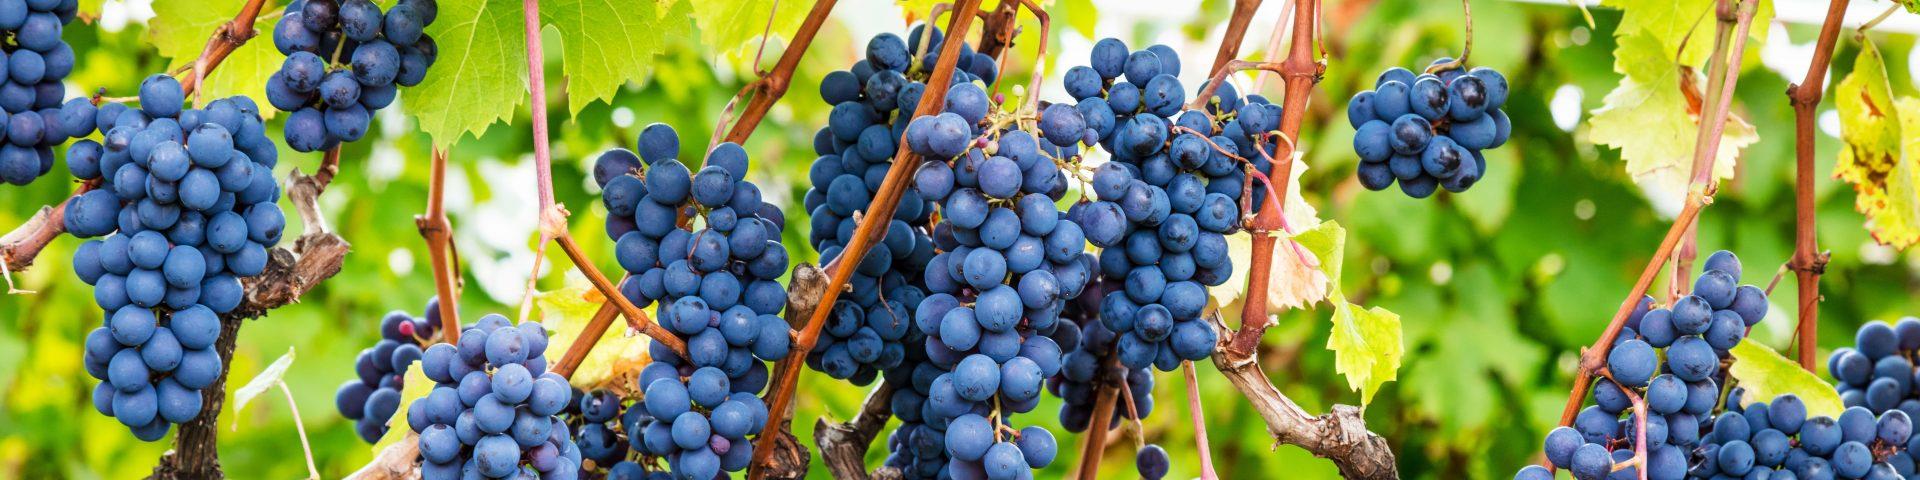 cachos de uvas pretas